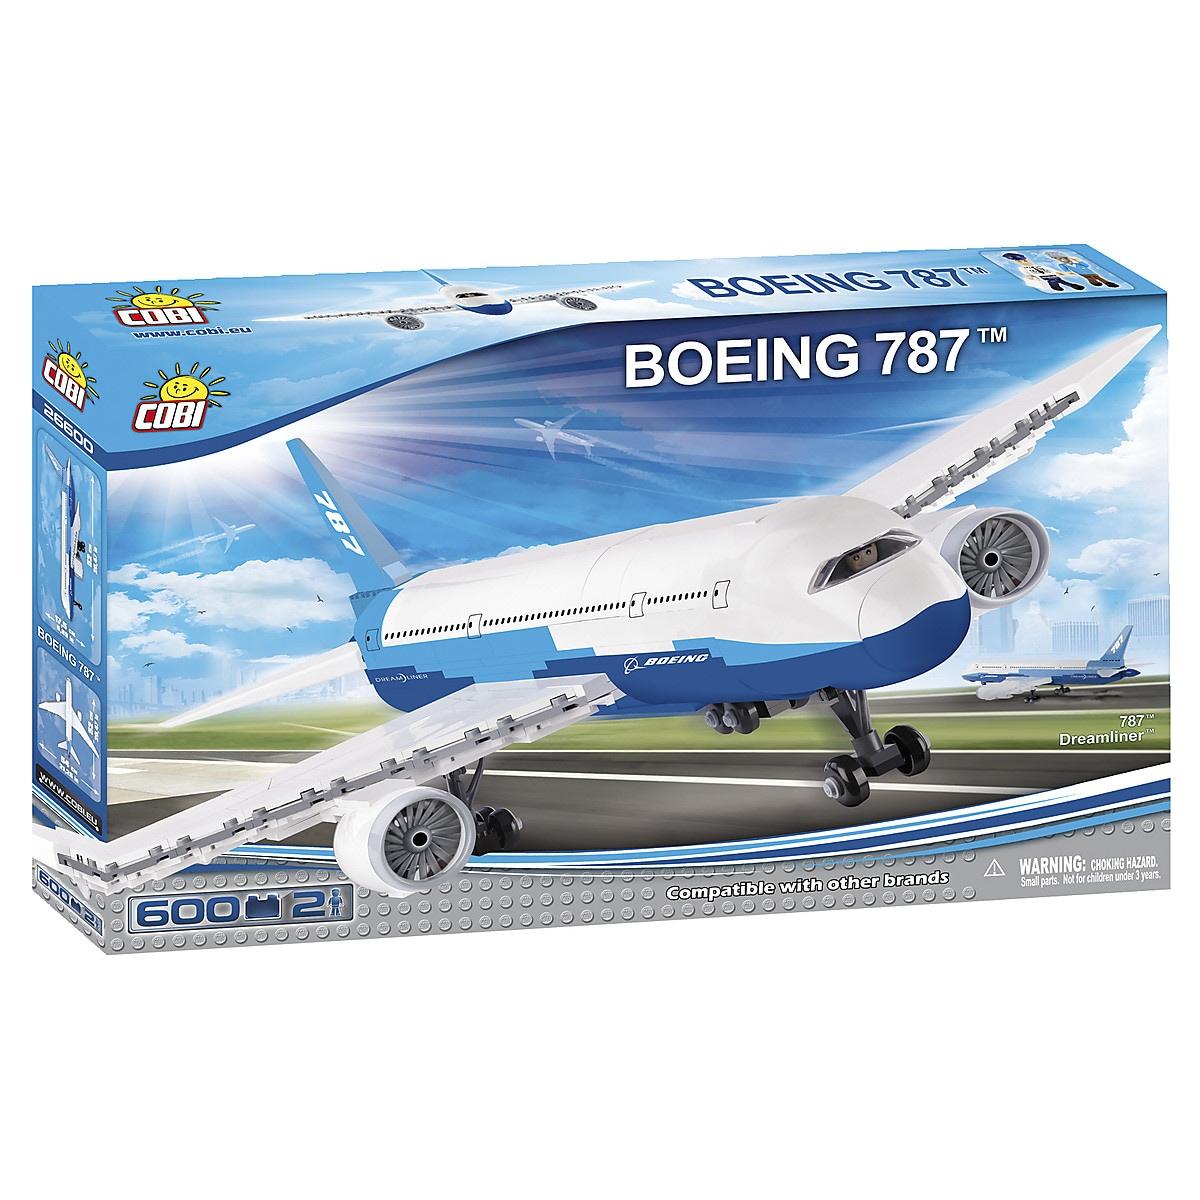 Bausteine Flugzeug Boeing 787, Cobi